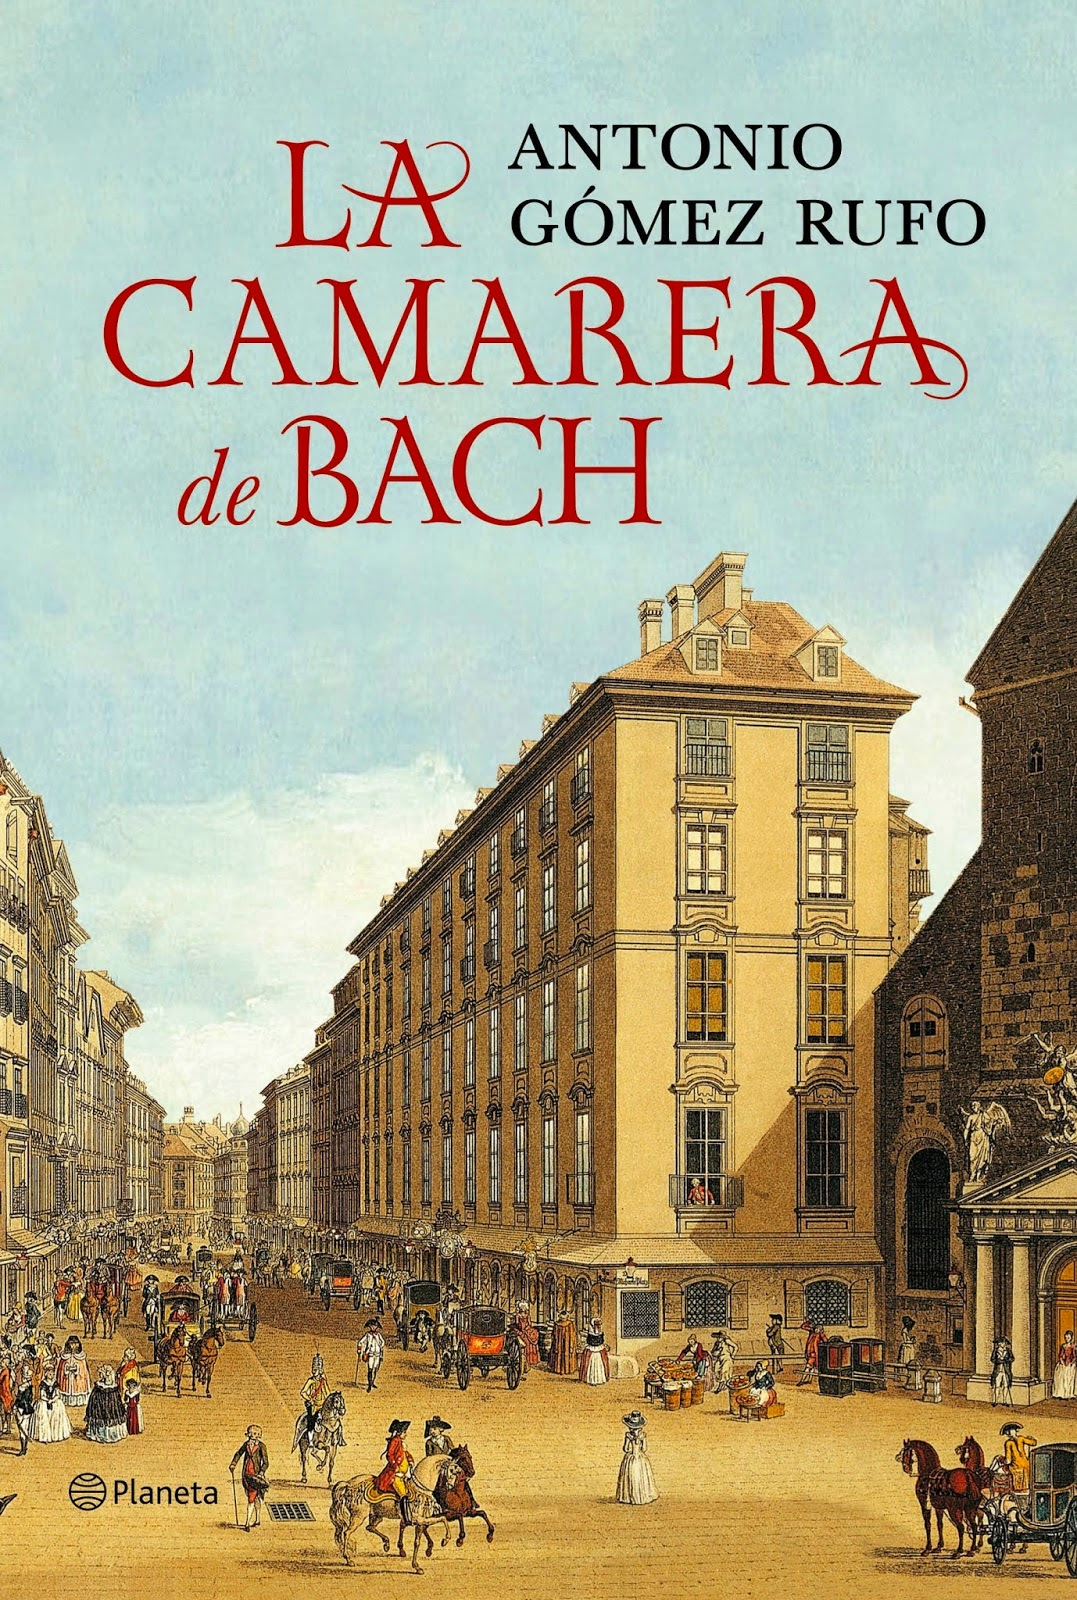 La camarera de Bach - Antonio Gómez Rufo (2014)